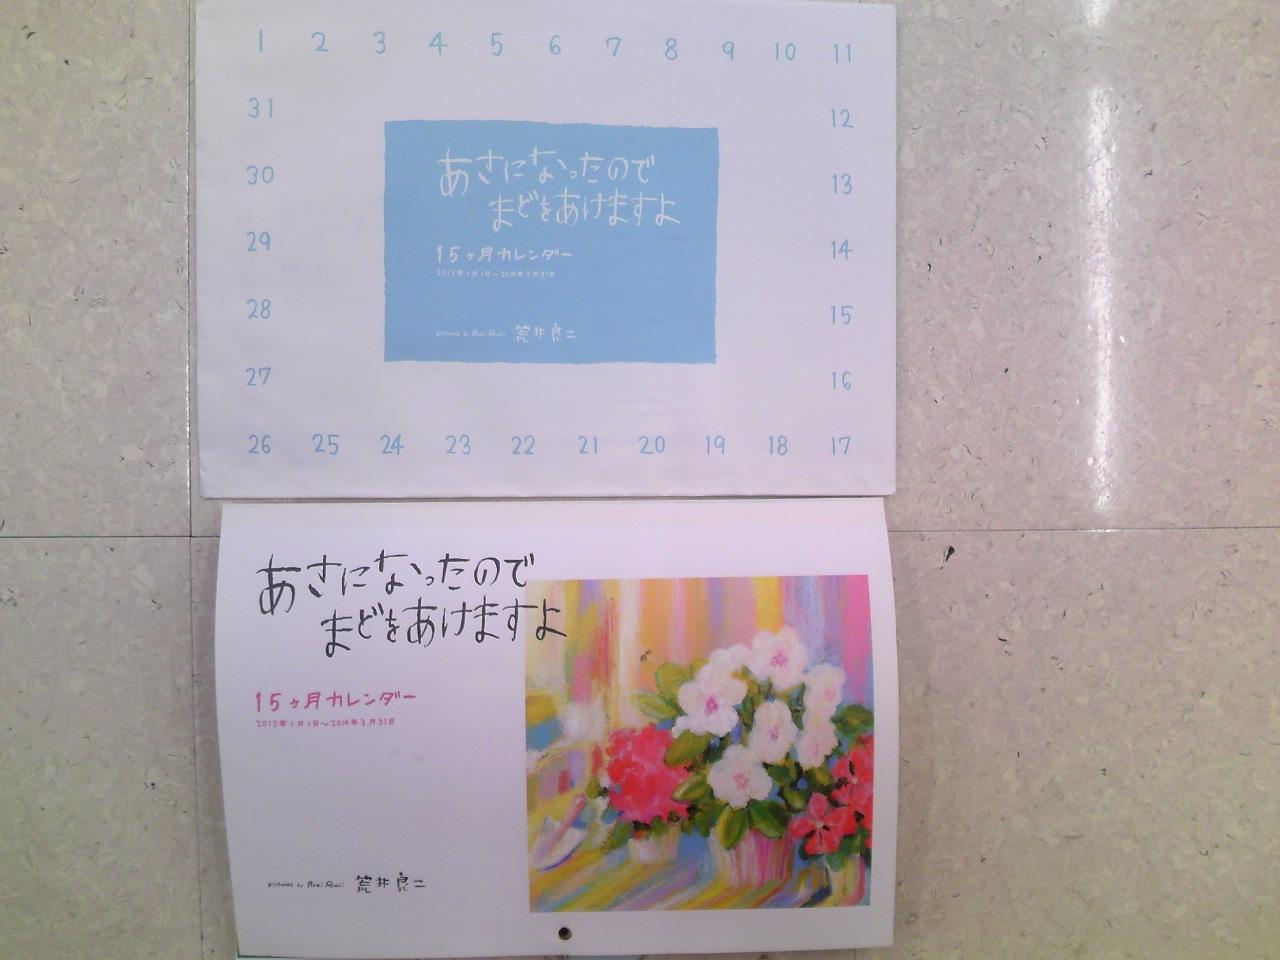 荒井良二さんの15ヶ月カレンダー_c0192615_23115737.jpg